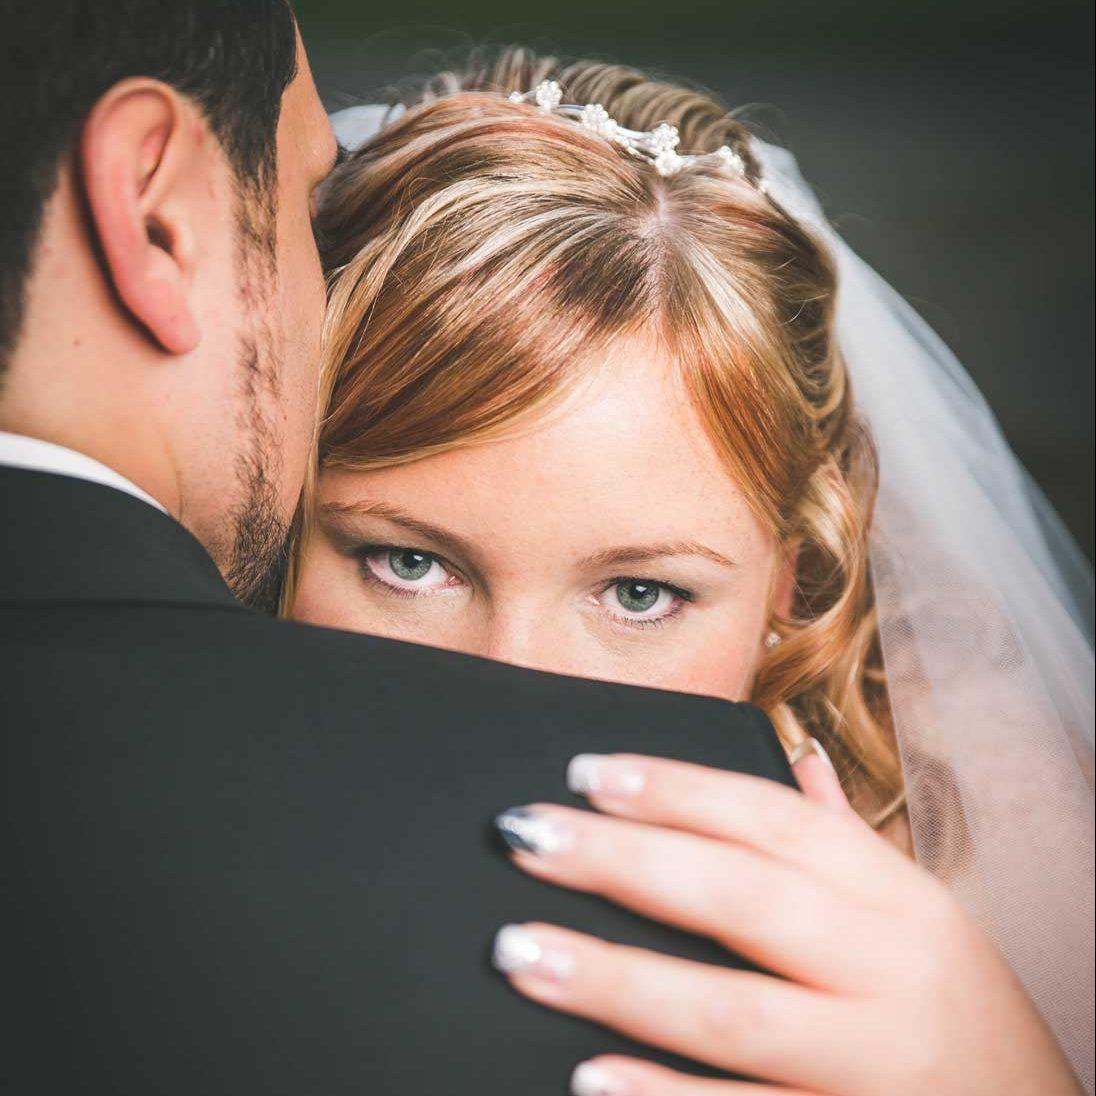 braut und bräutigam brautkleid hochzeit hochzeitsfotograf braut-make-up köln düsseldorf bonn deutschland